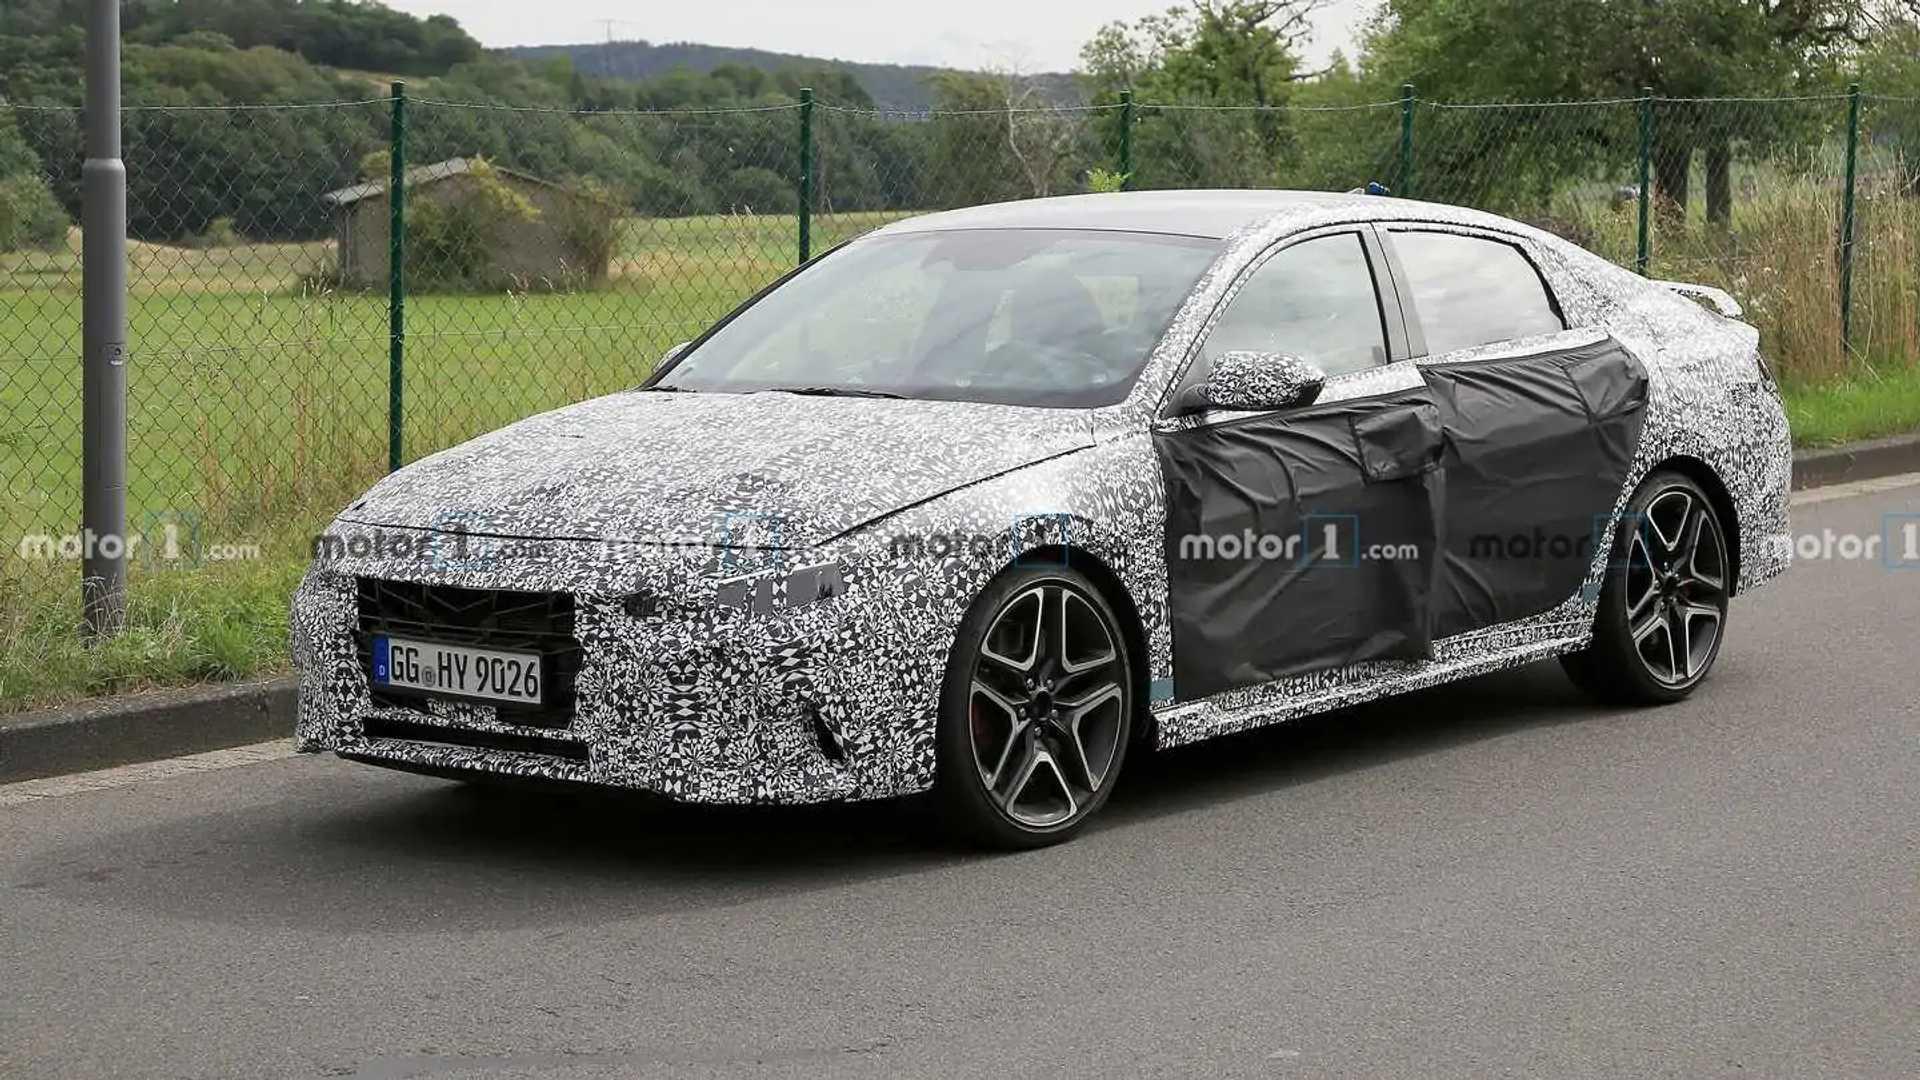 3 Hyundai Elantra N Spied On Video Lapping The Nurburgring